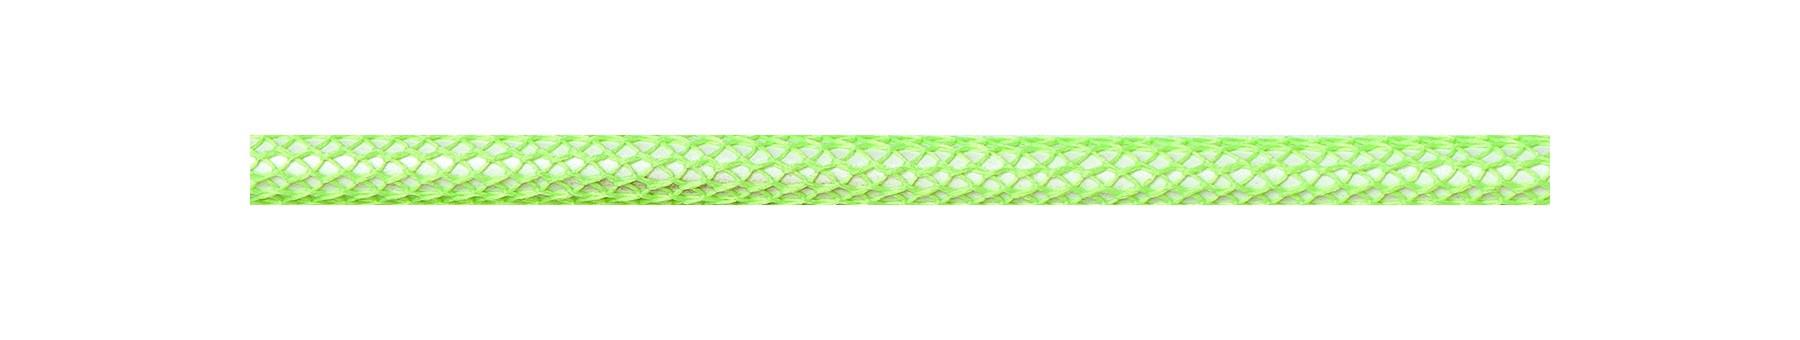 Textilkabel Neon Grün Netzartiger Textilmantel